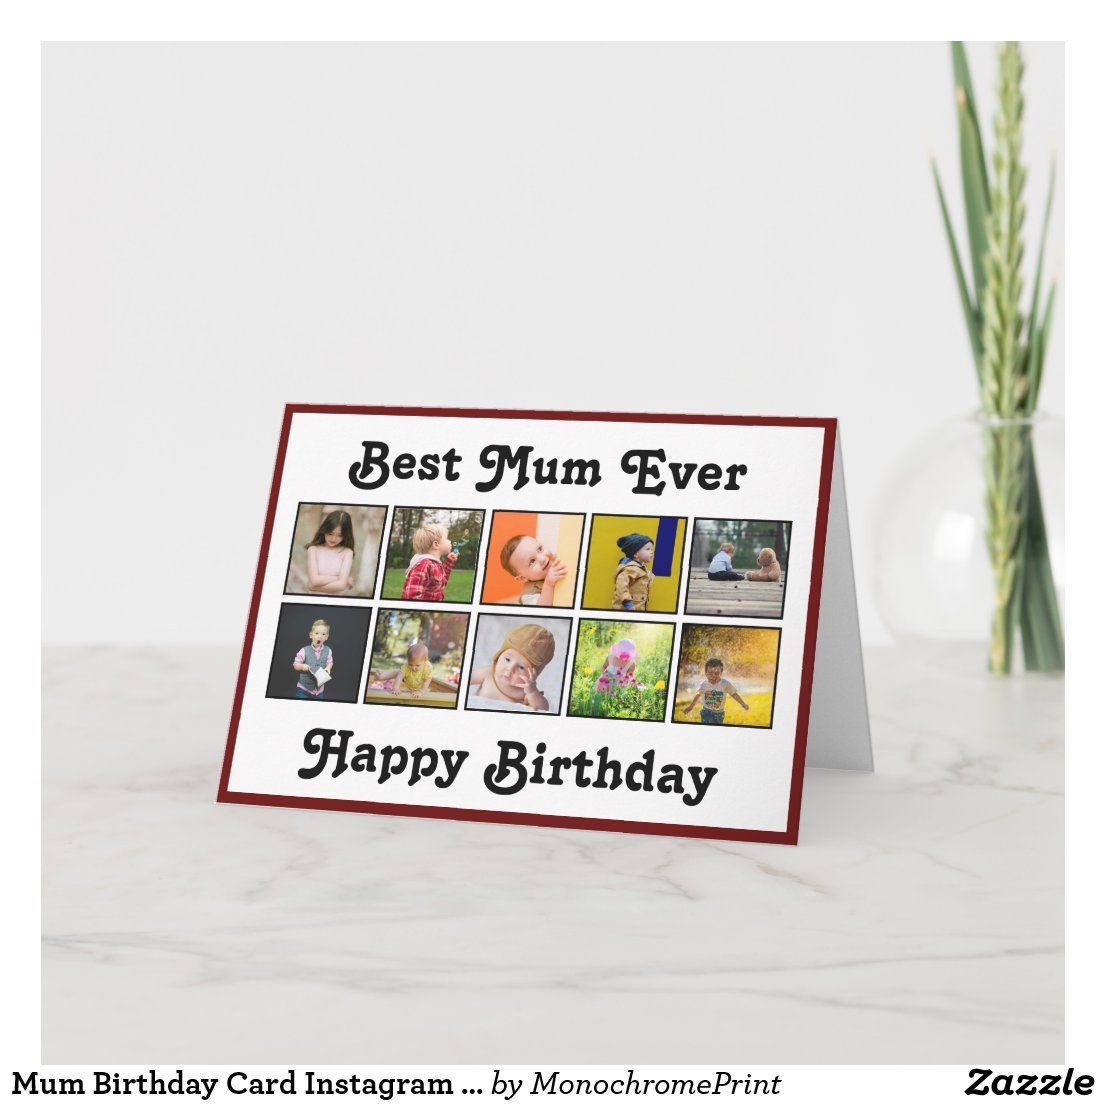 Mum Birthday Card Instagram Photo Collage Template Zazzle Com Birthday Photo Collage Birthday Cards For Mum Photo Collage Template